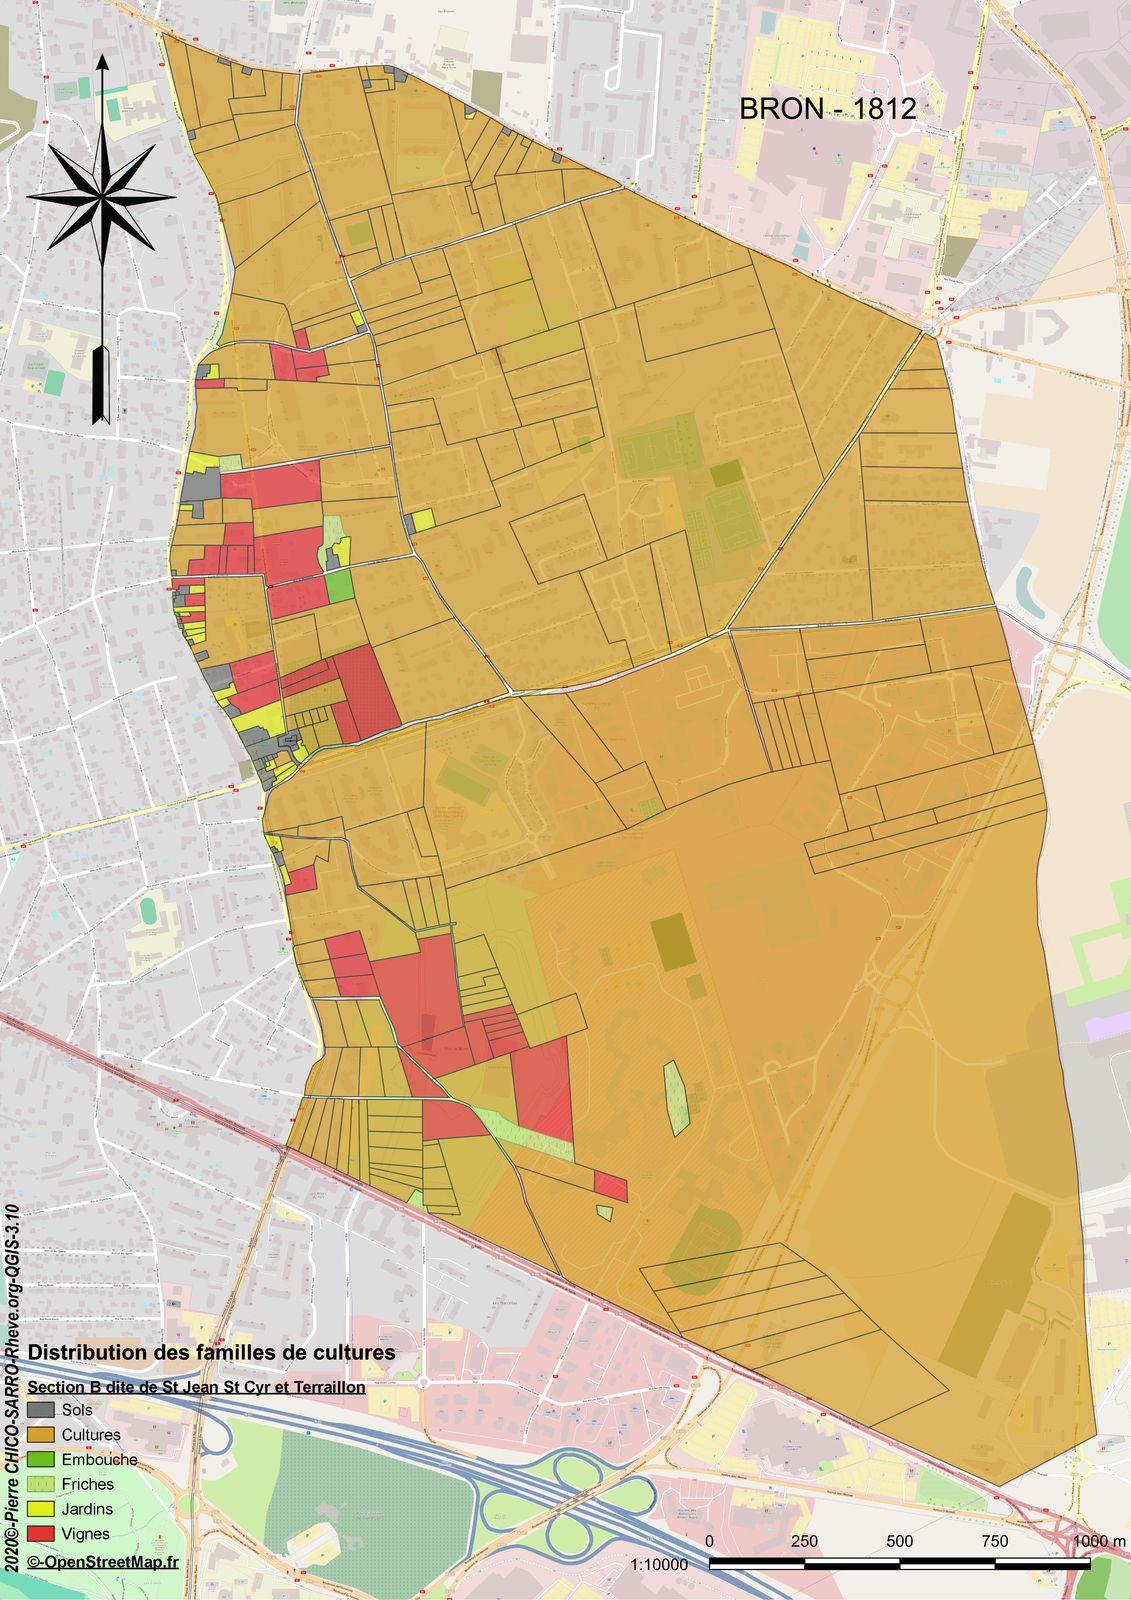 Distribution des familles de cultures sur la section B dite de Saint-Jean, Saint-Cyr et Terraillon à Bron en 1812